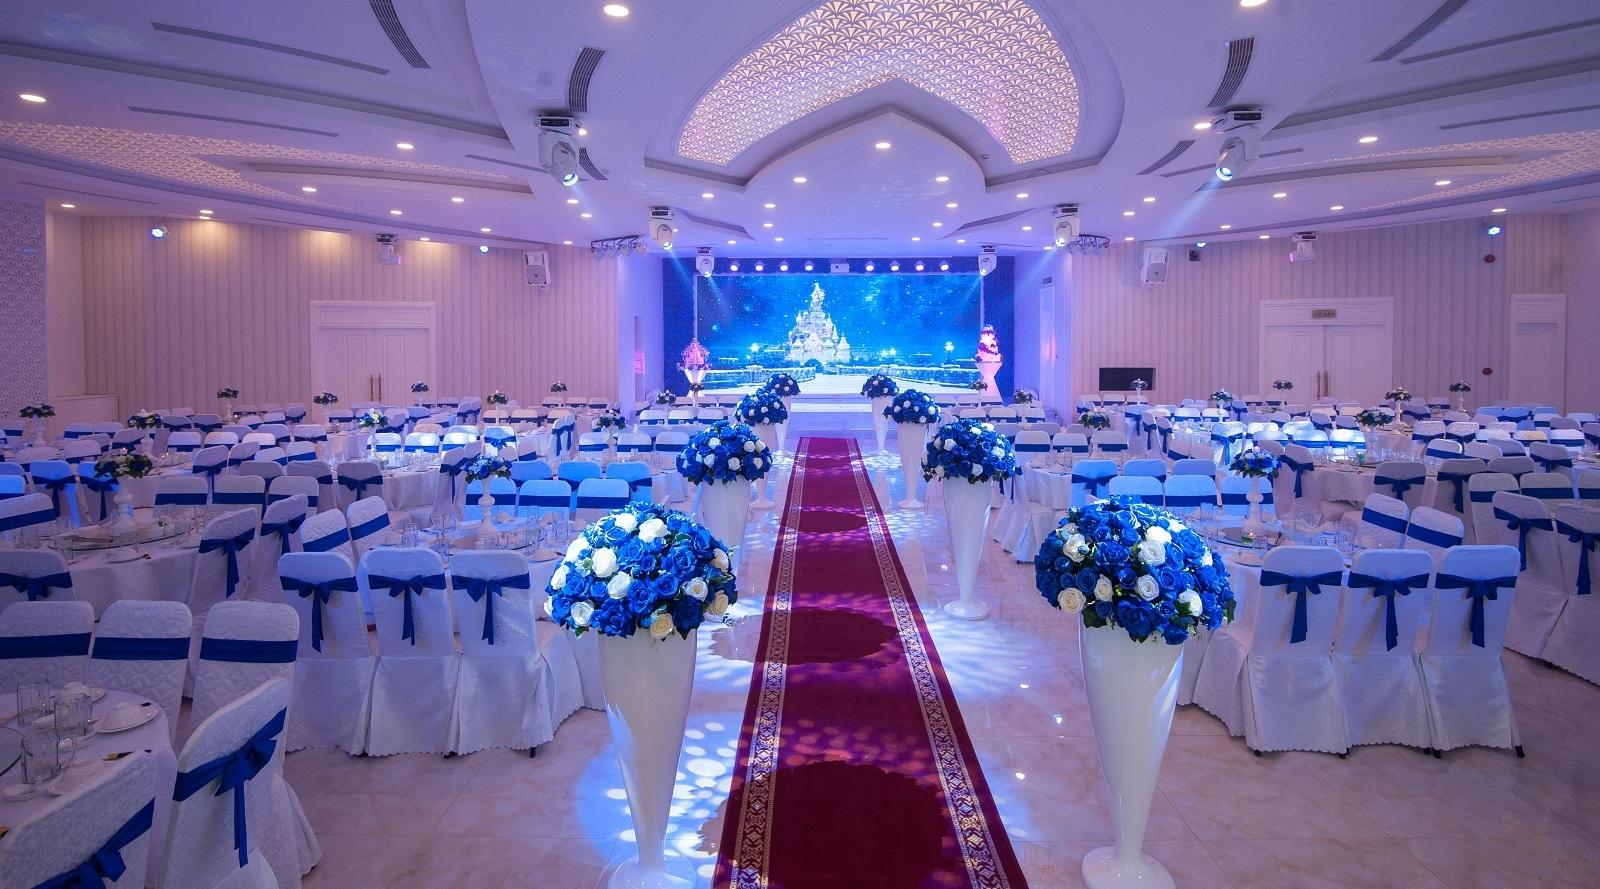 Đặt tiệc cưới nhà hàng Gia Lai chỉ hơn 2 triệu mỗi bàn, tặng 3 chỉ vàng, xe Limousine rước dâu